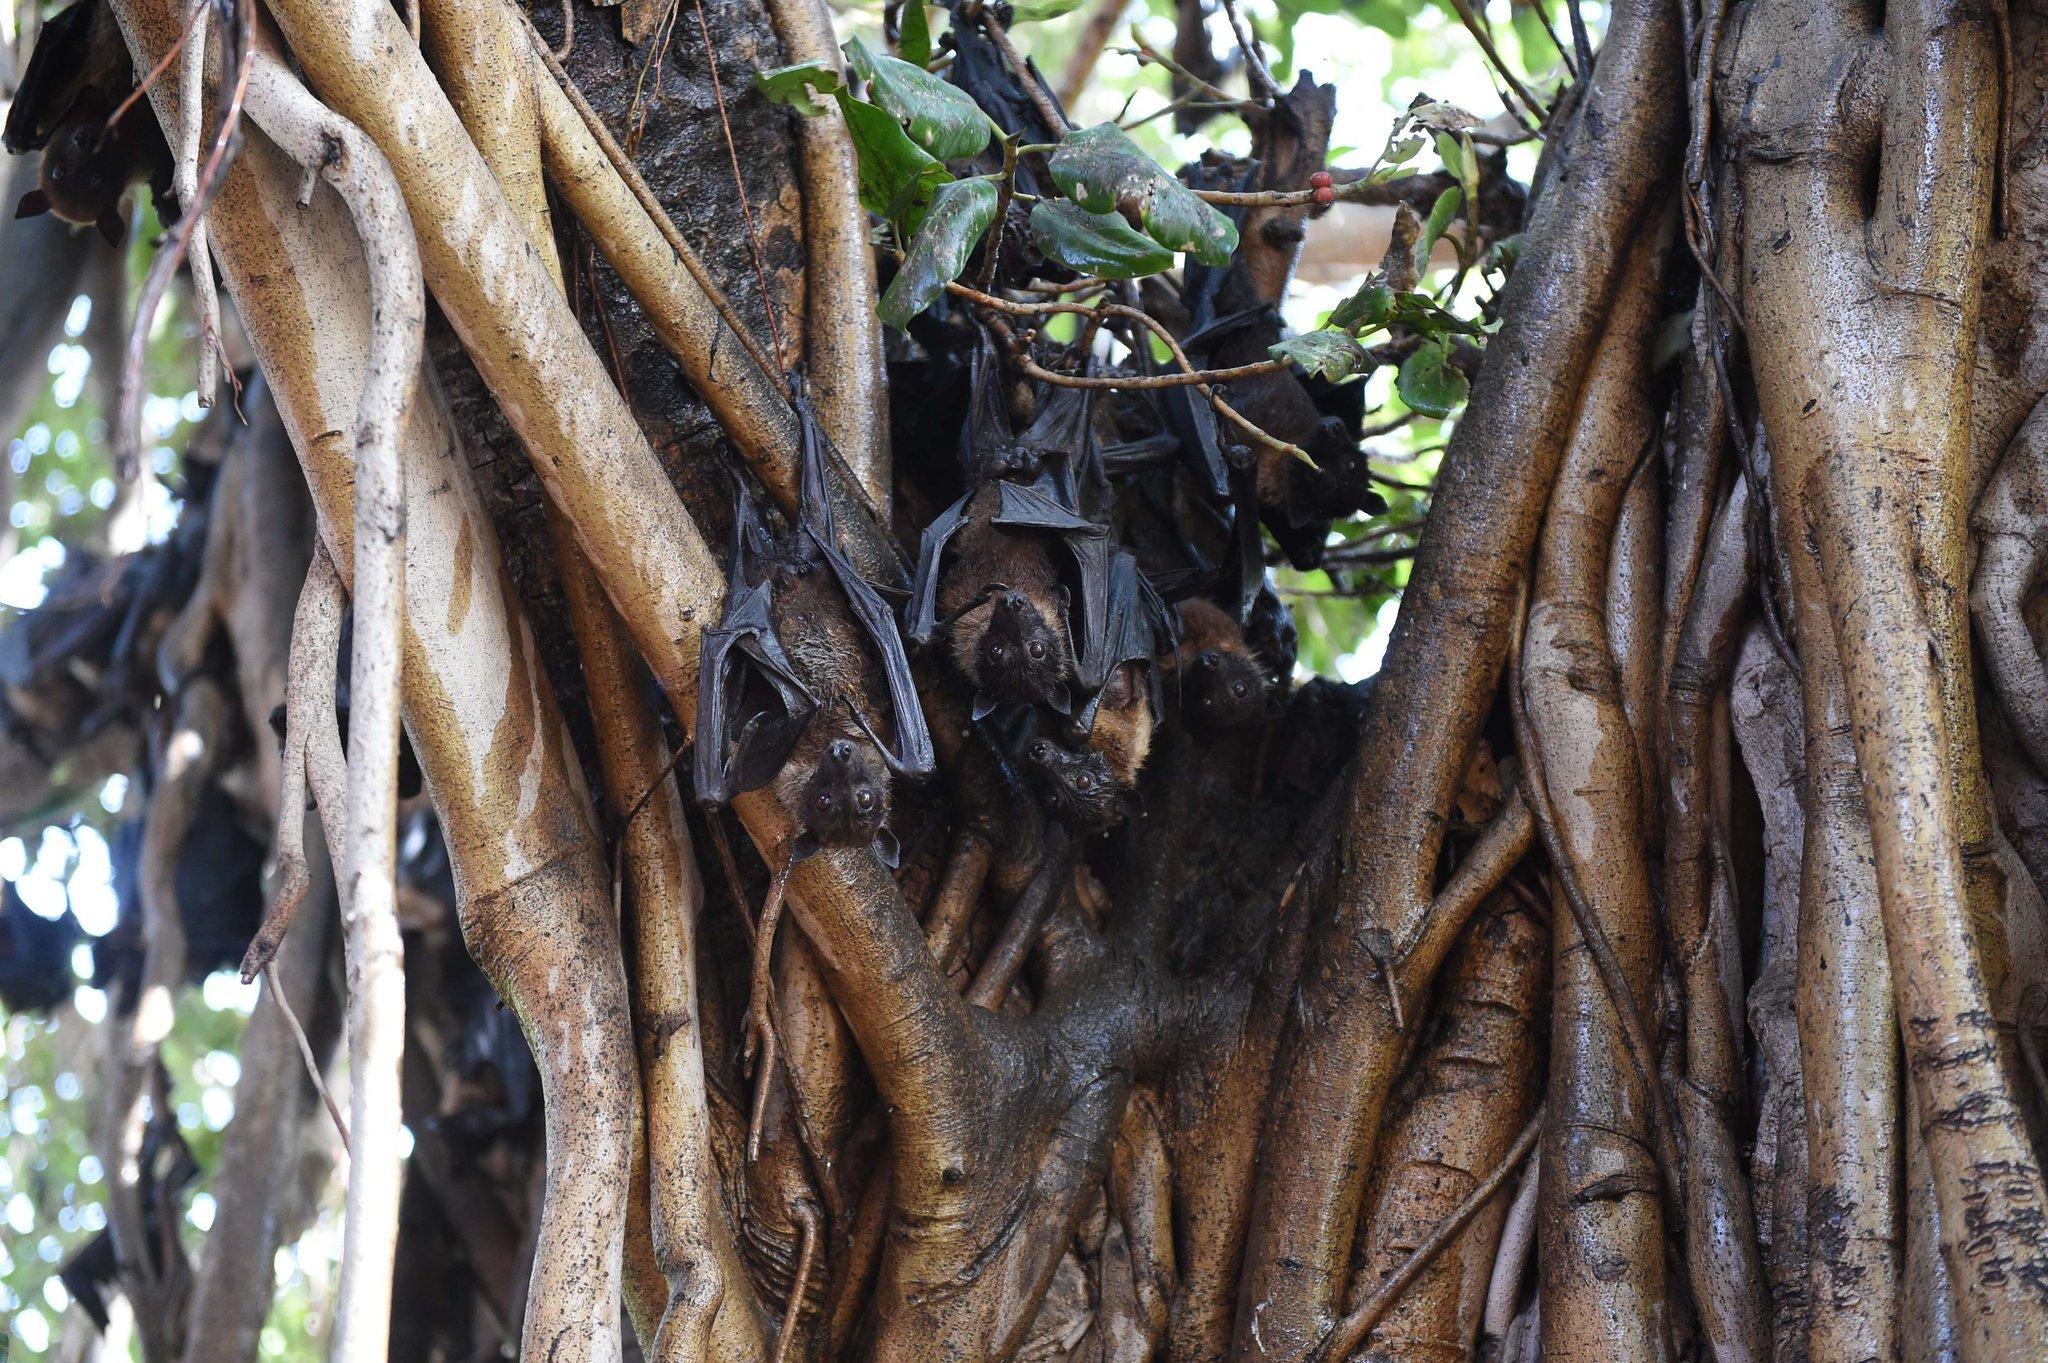 নিপা ভাইরাস - আতঙ্ক ছড়িয়ে পড়ছে ভারতে